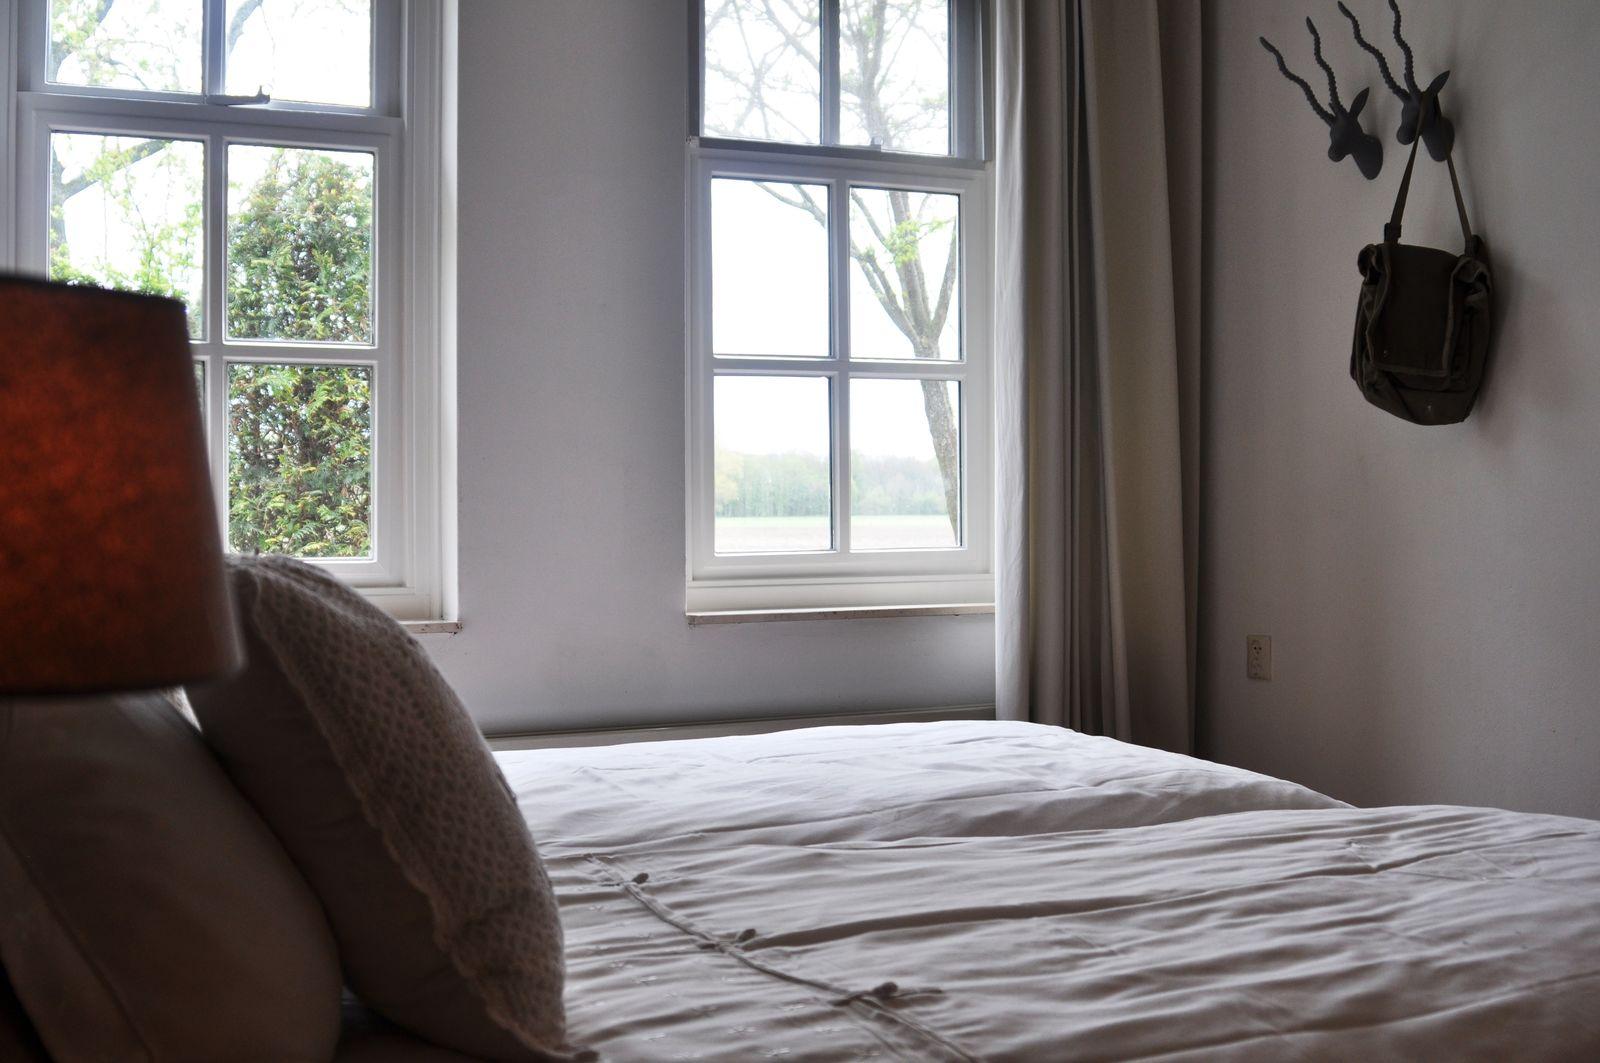 Afbeelding van Buitenverblijf de Rust - vakantiehuis voor familieweekend in Brabant